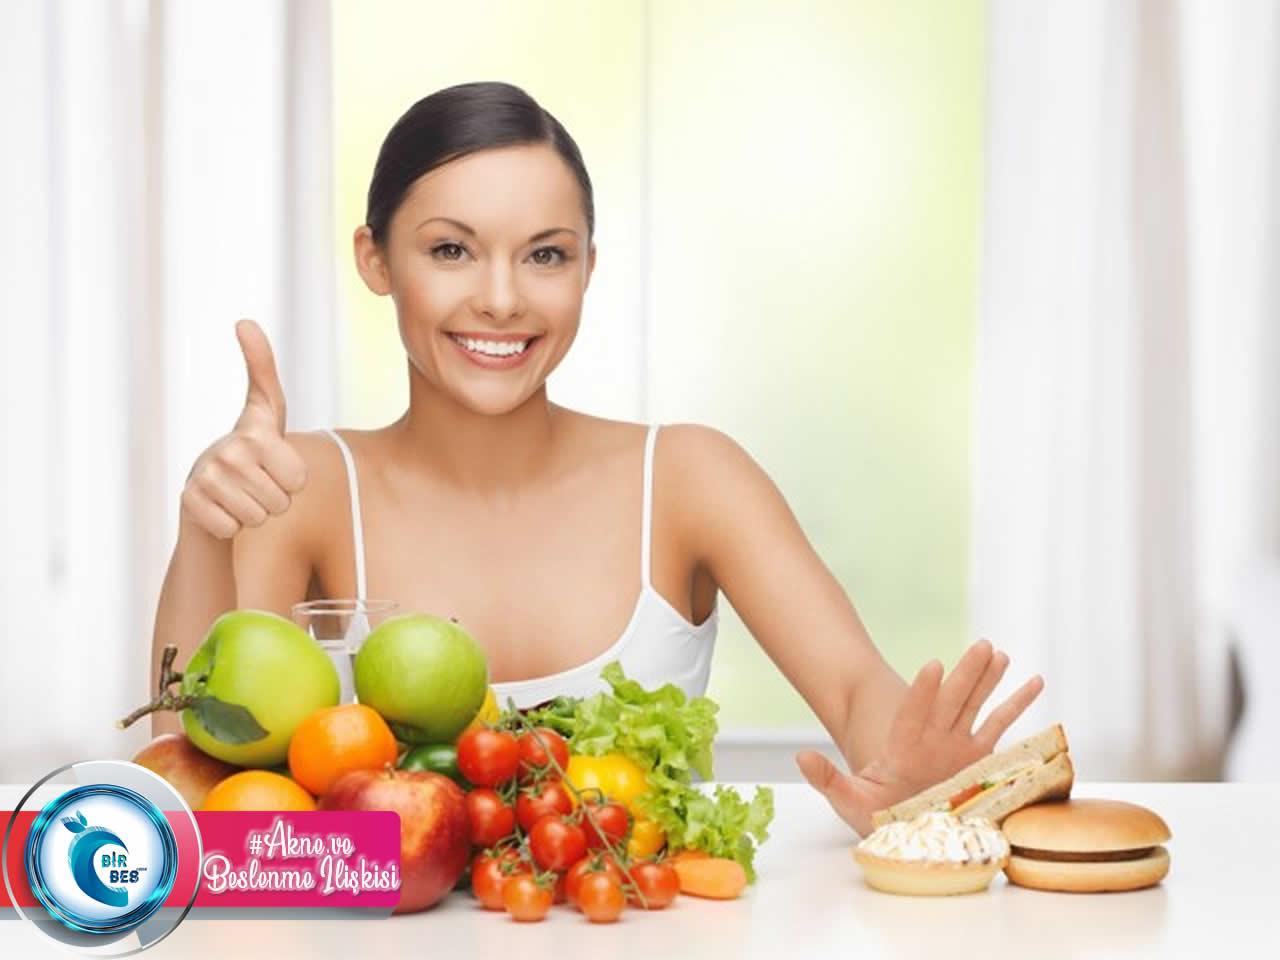 Akneye Neden Olan Gıda Türleri